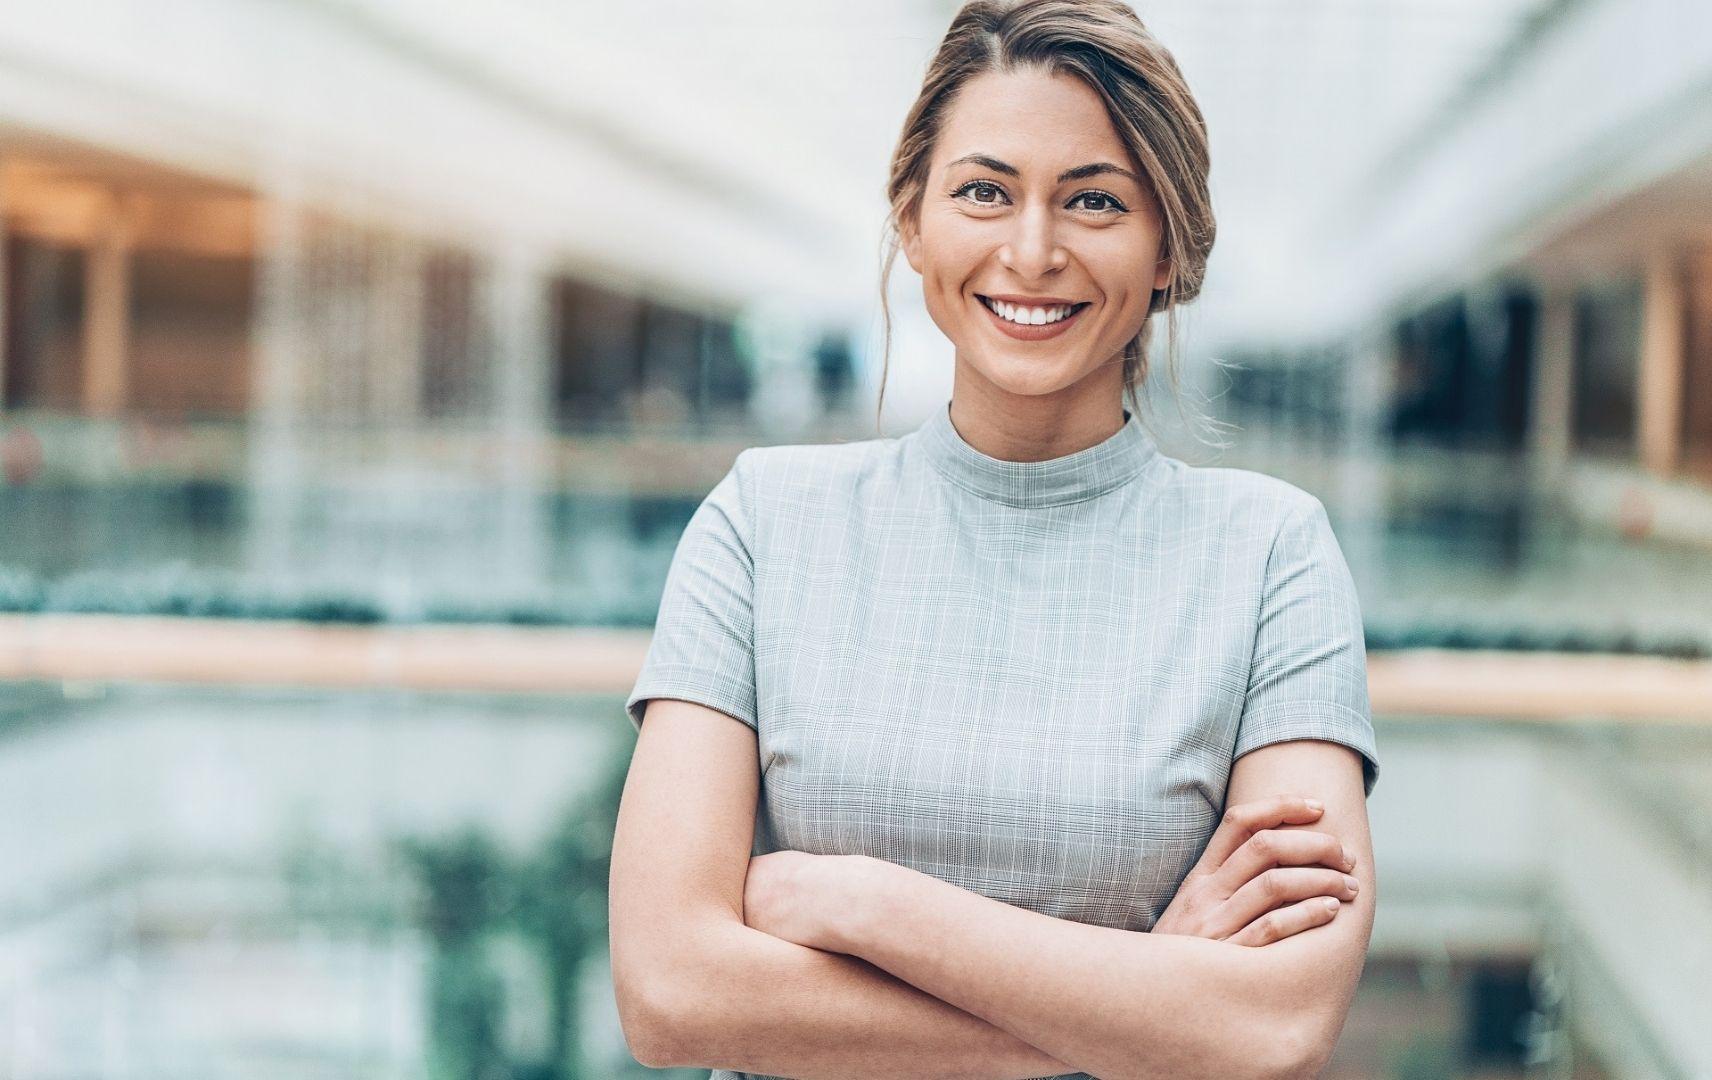 Lufthansa City Center Business Travel 360 Grad Service für Geschätsreisen - lächelnde Geschäftsfrau